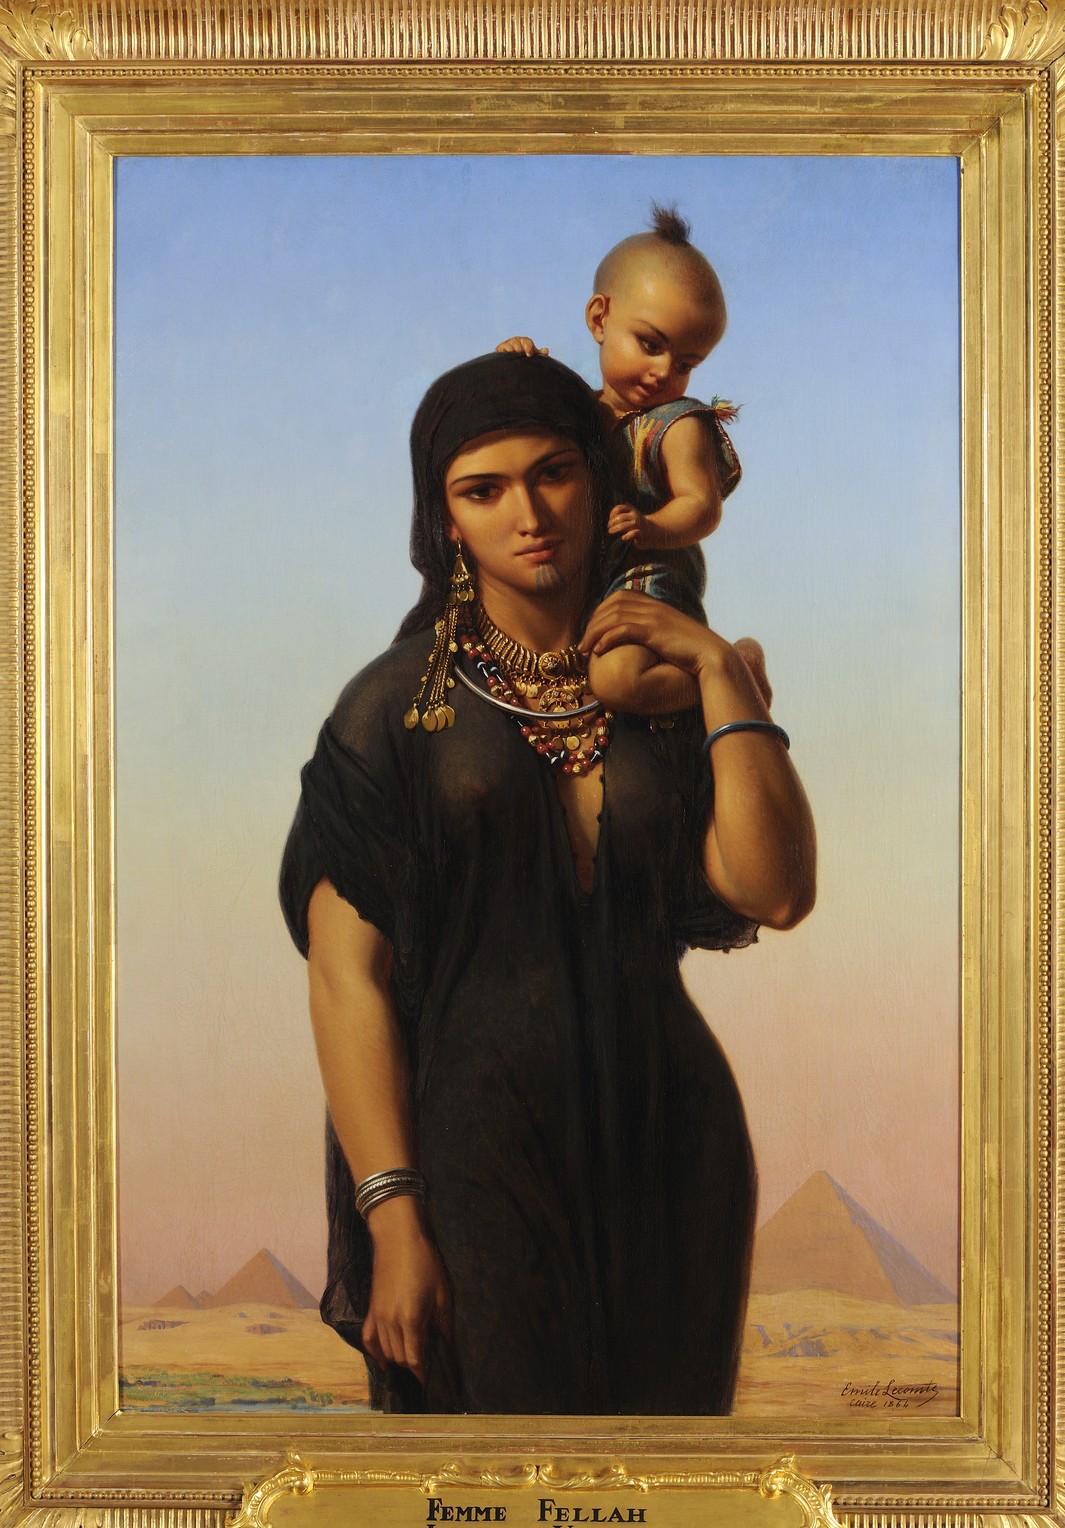 Émile Lecomte-Vernet, Femme fellah portant son enfant, 1864